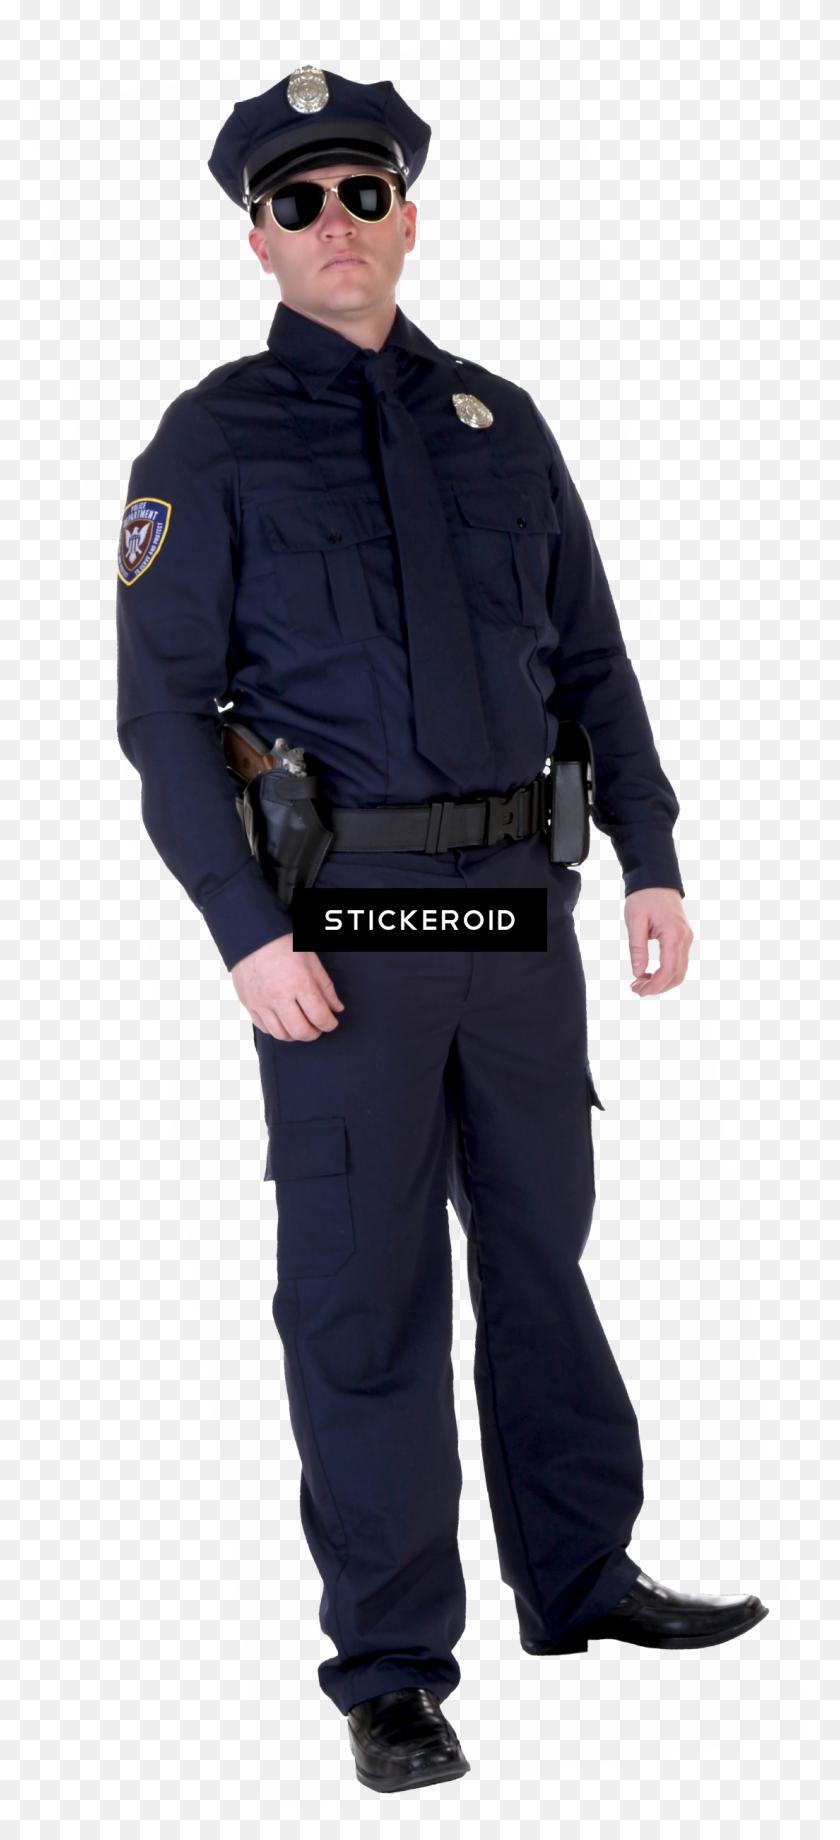 Policeman - Policeman PNG